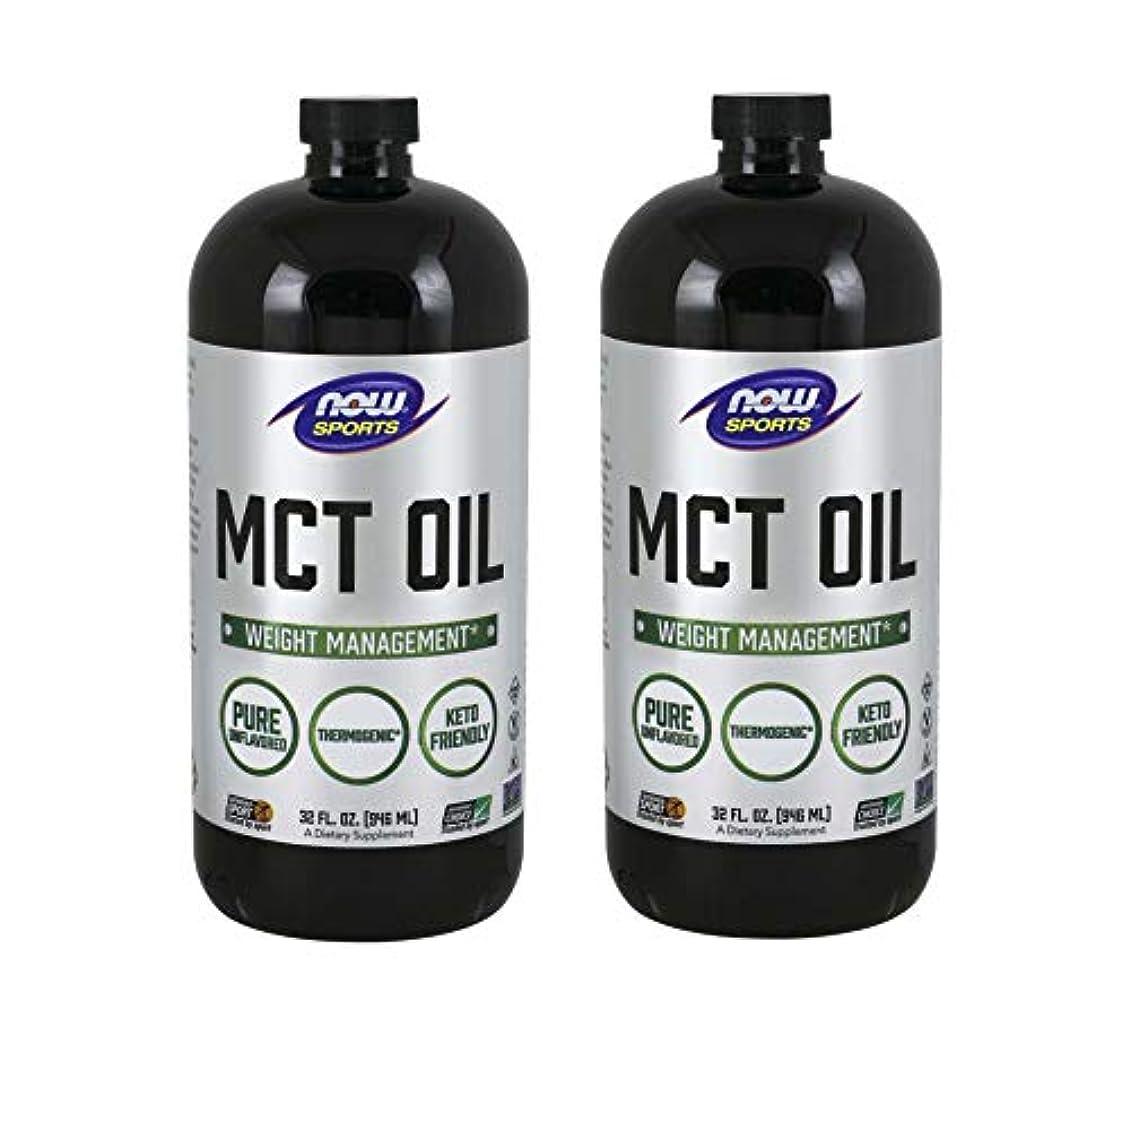 今日わな薬を飲む[海外直送品] ナウフーズ 【2個セット】MCTオイル(中鎖脂肪酸トリグリセリド)32オンス